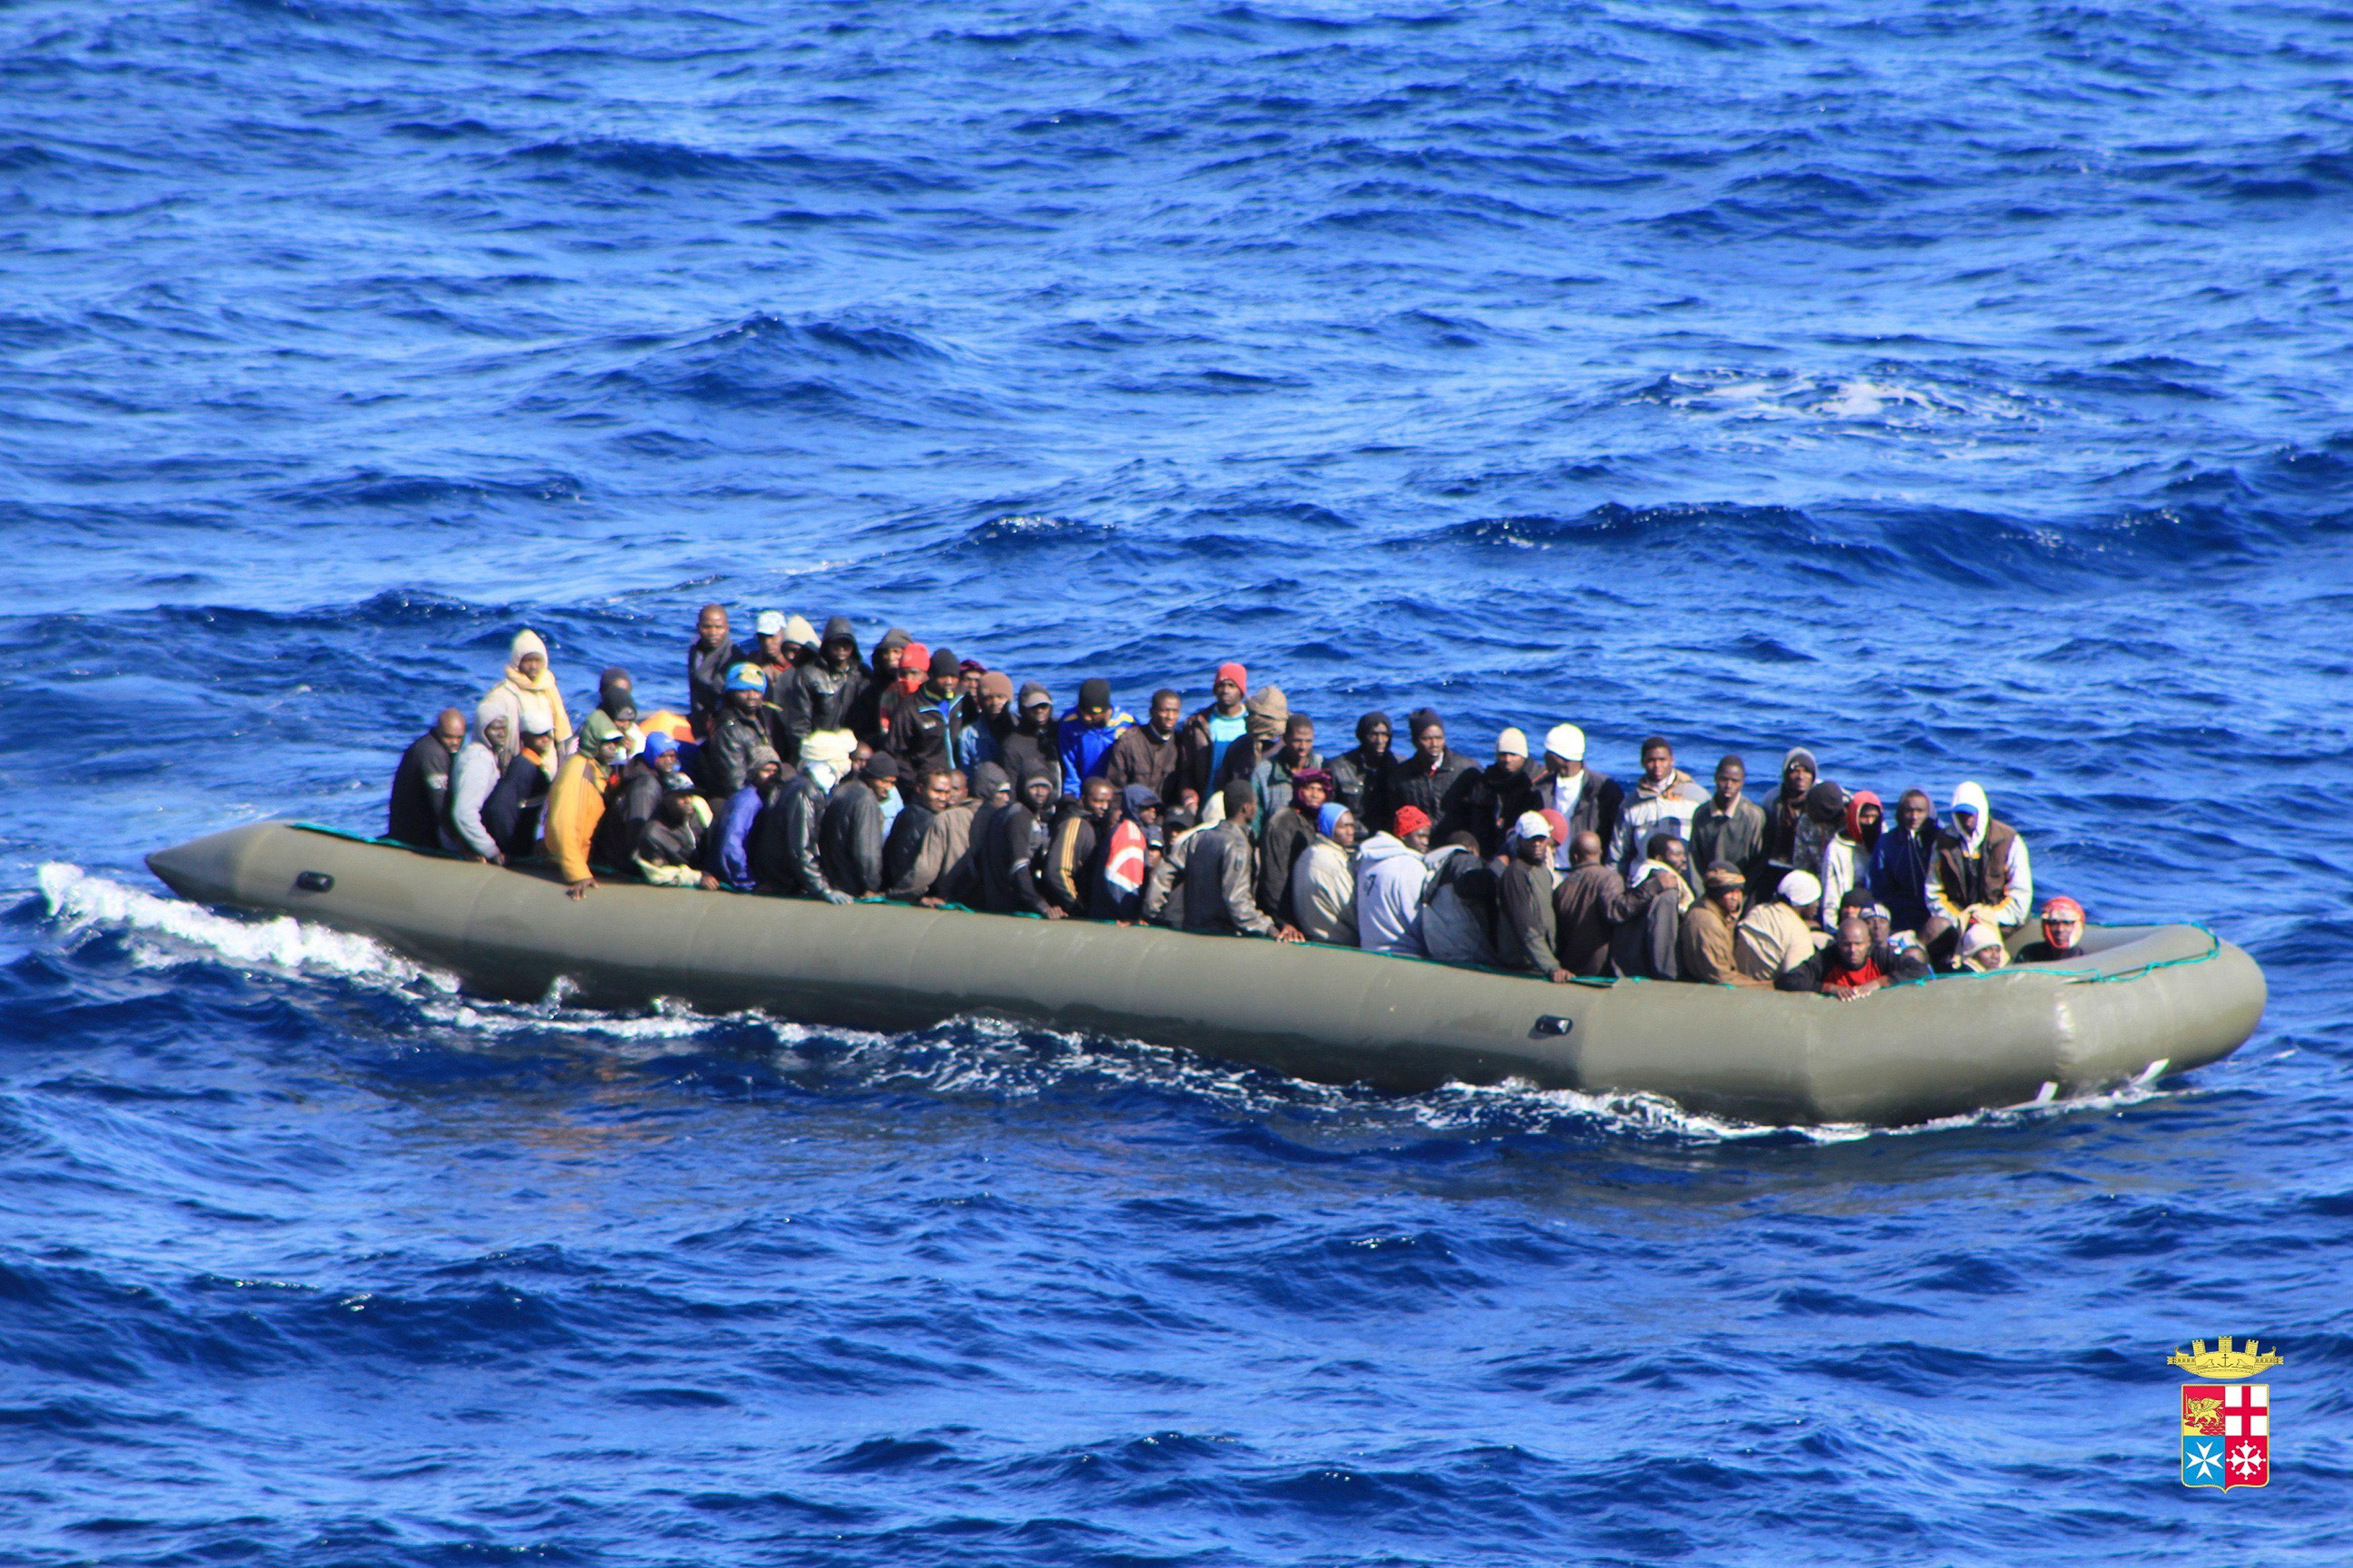 Méditerranée : des centaines de migrants disparus dans un naufrage au large de la Libye